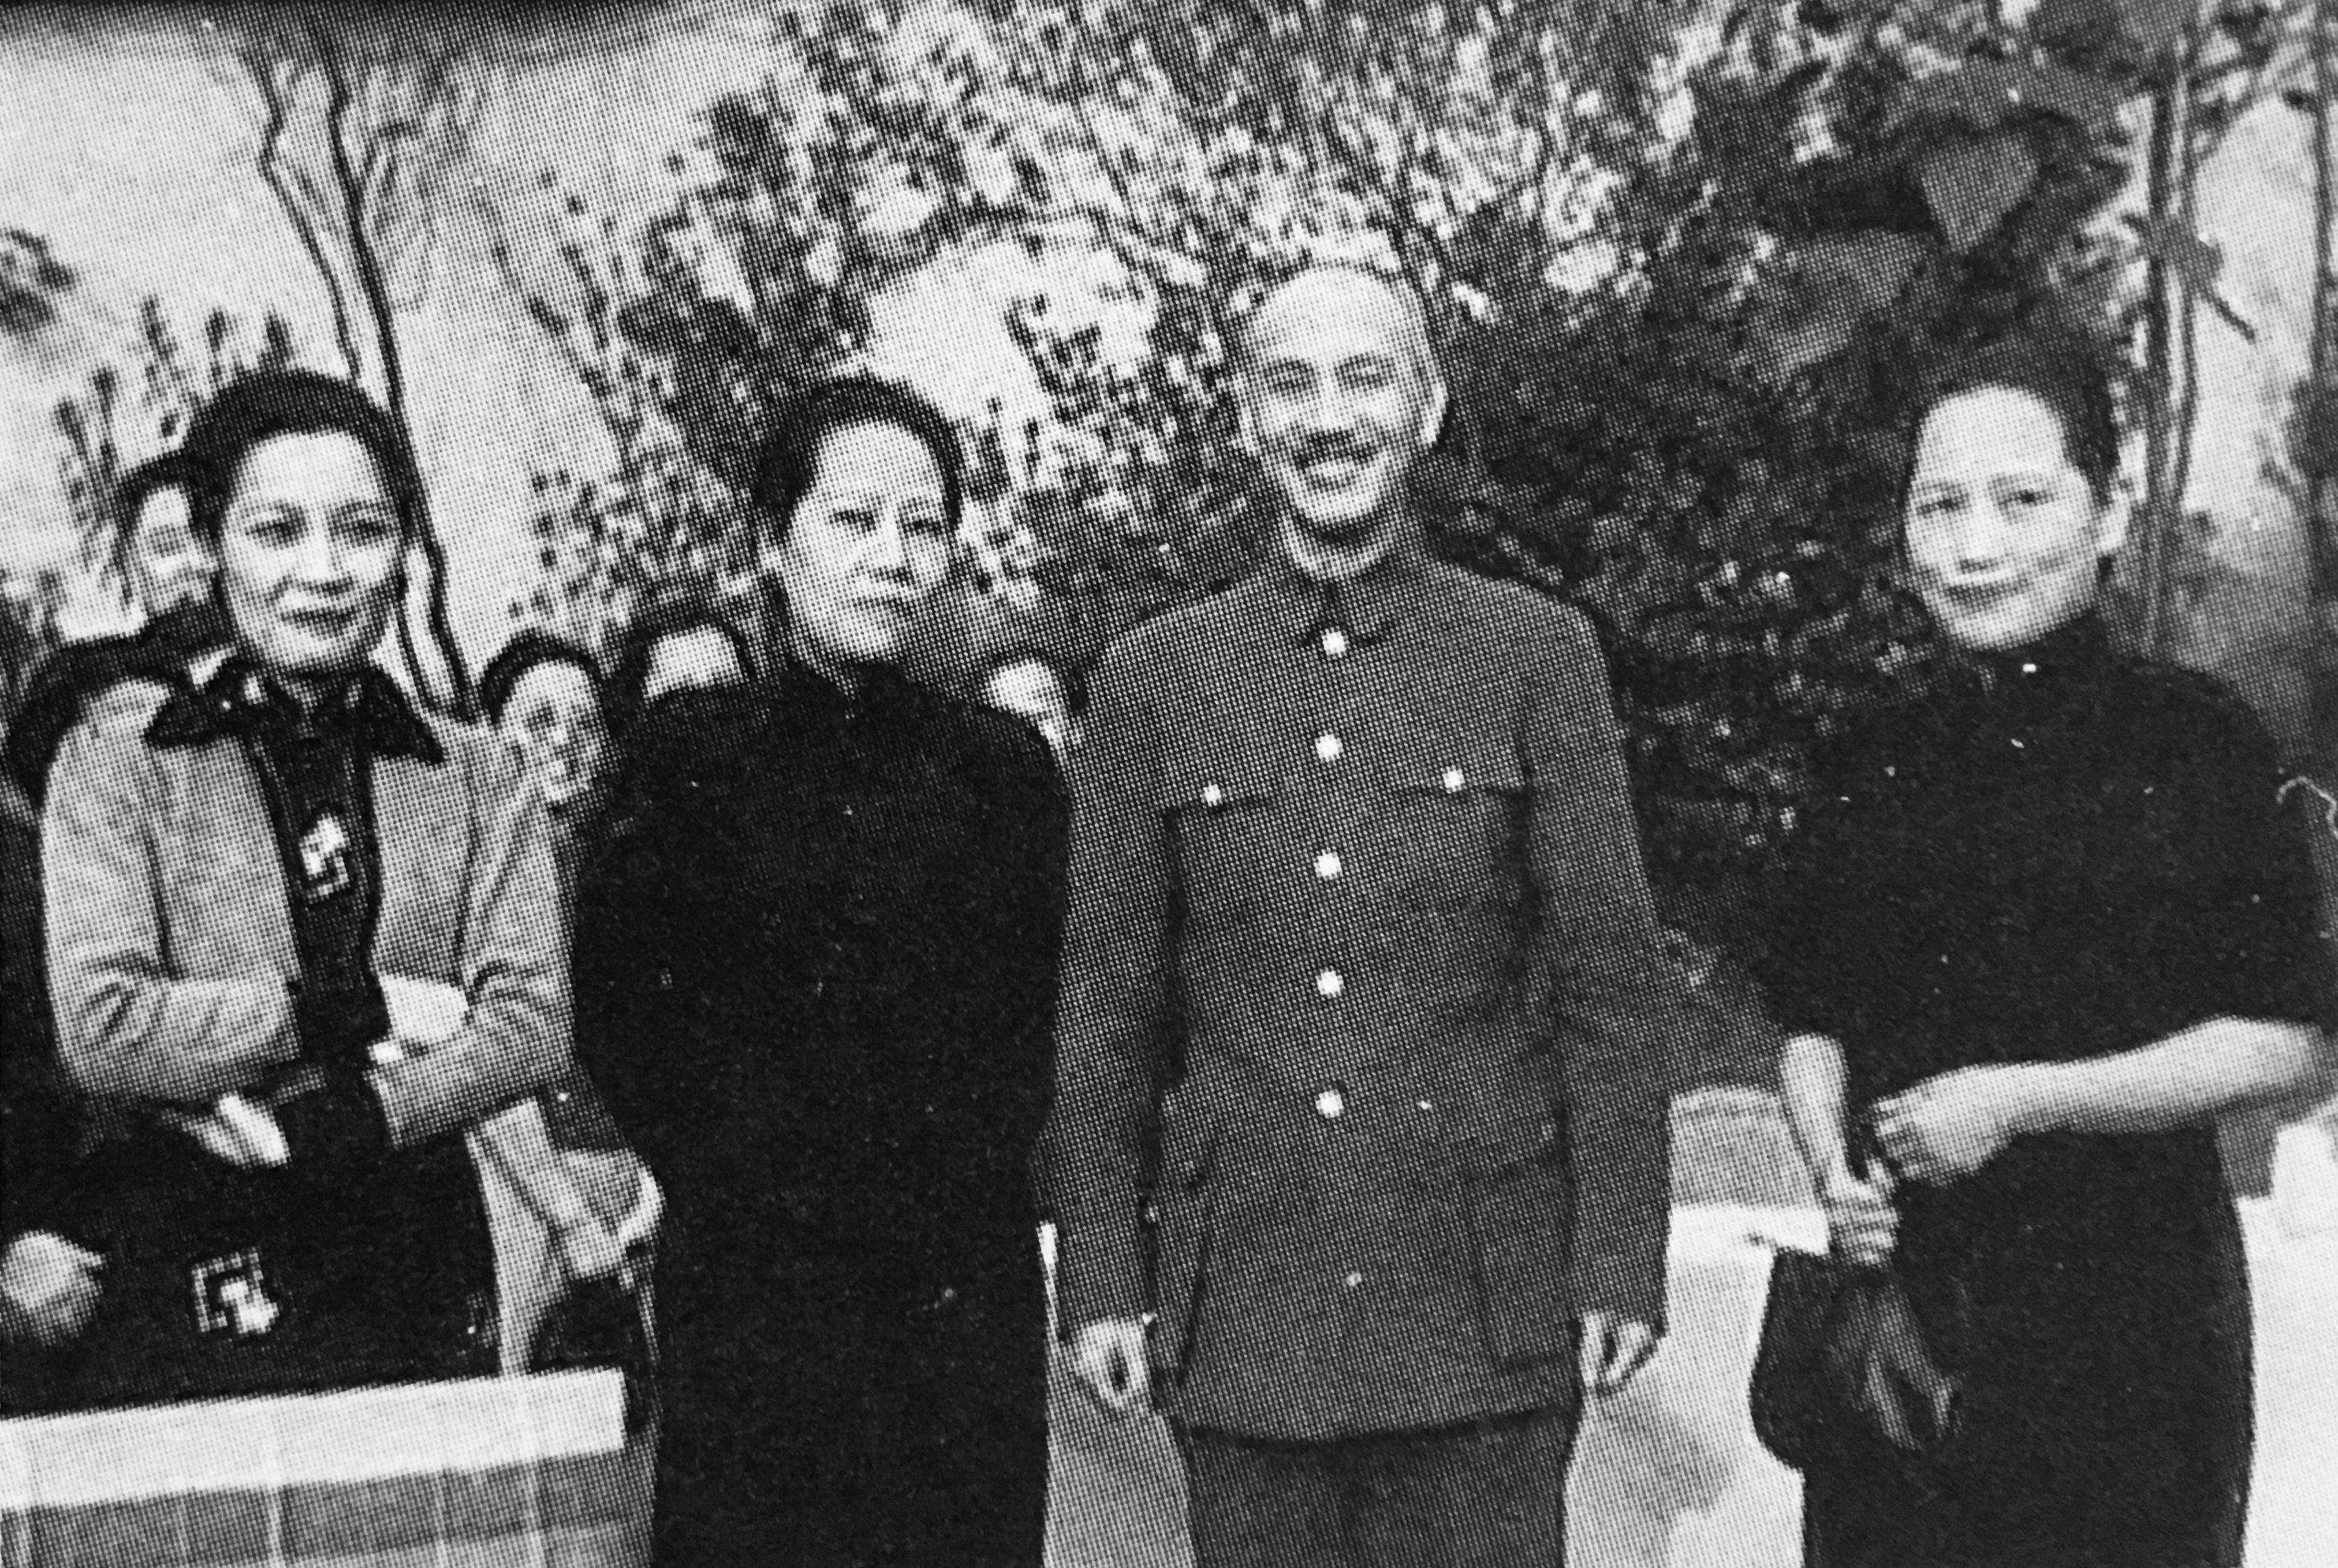 宋庆龄照片,图6宋氏三姐妹跟蒋介石合影图片